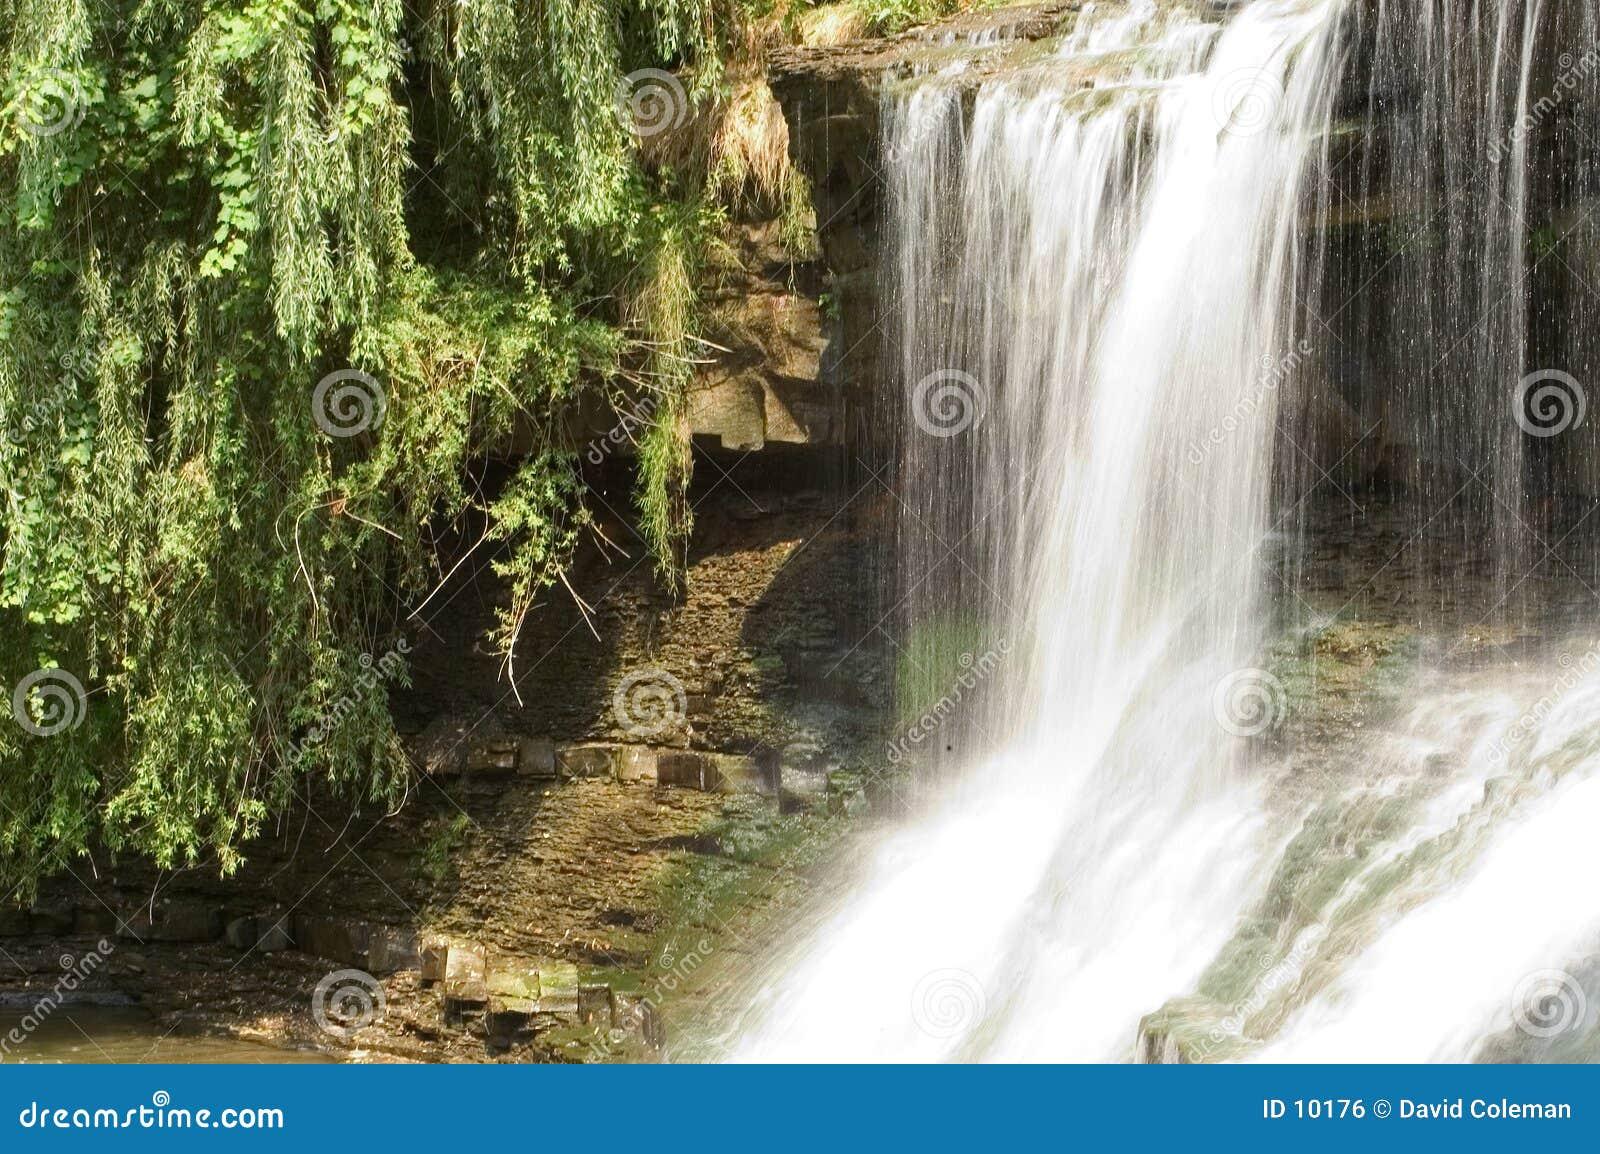 Wasserfall, Bewegung geverwischt